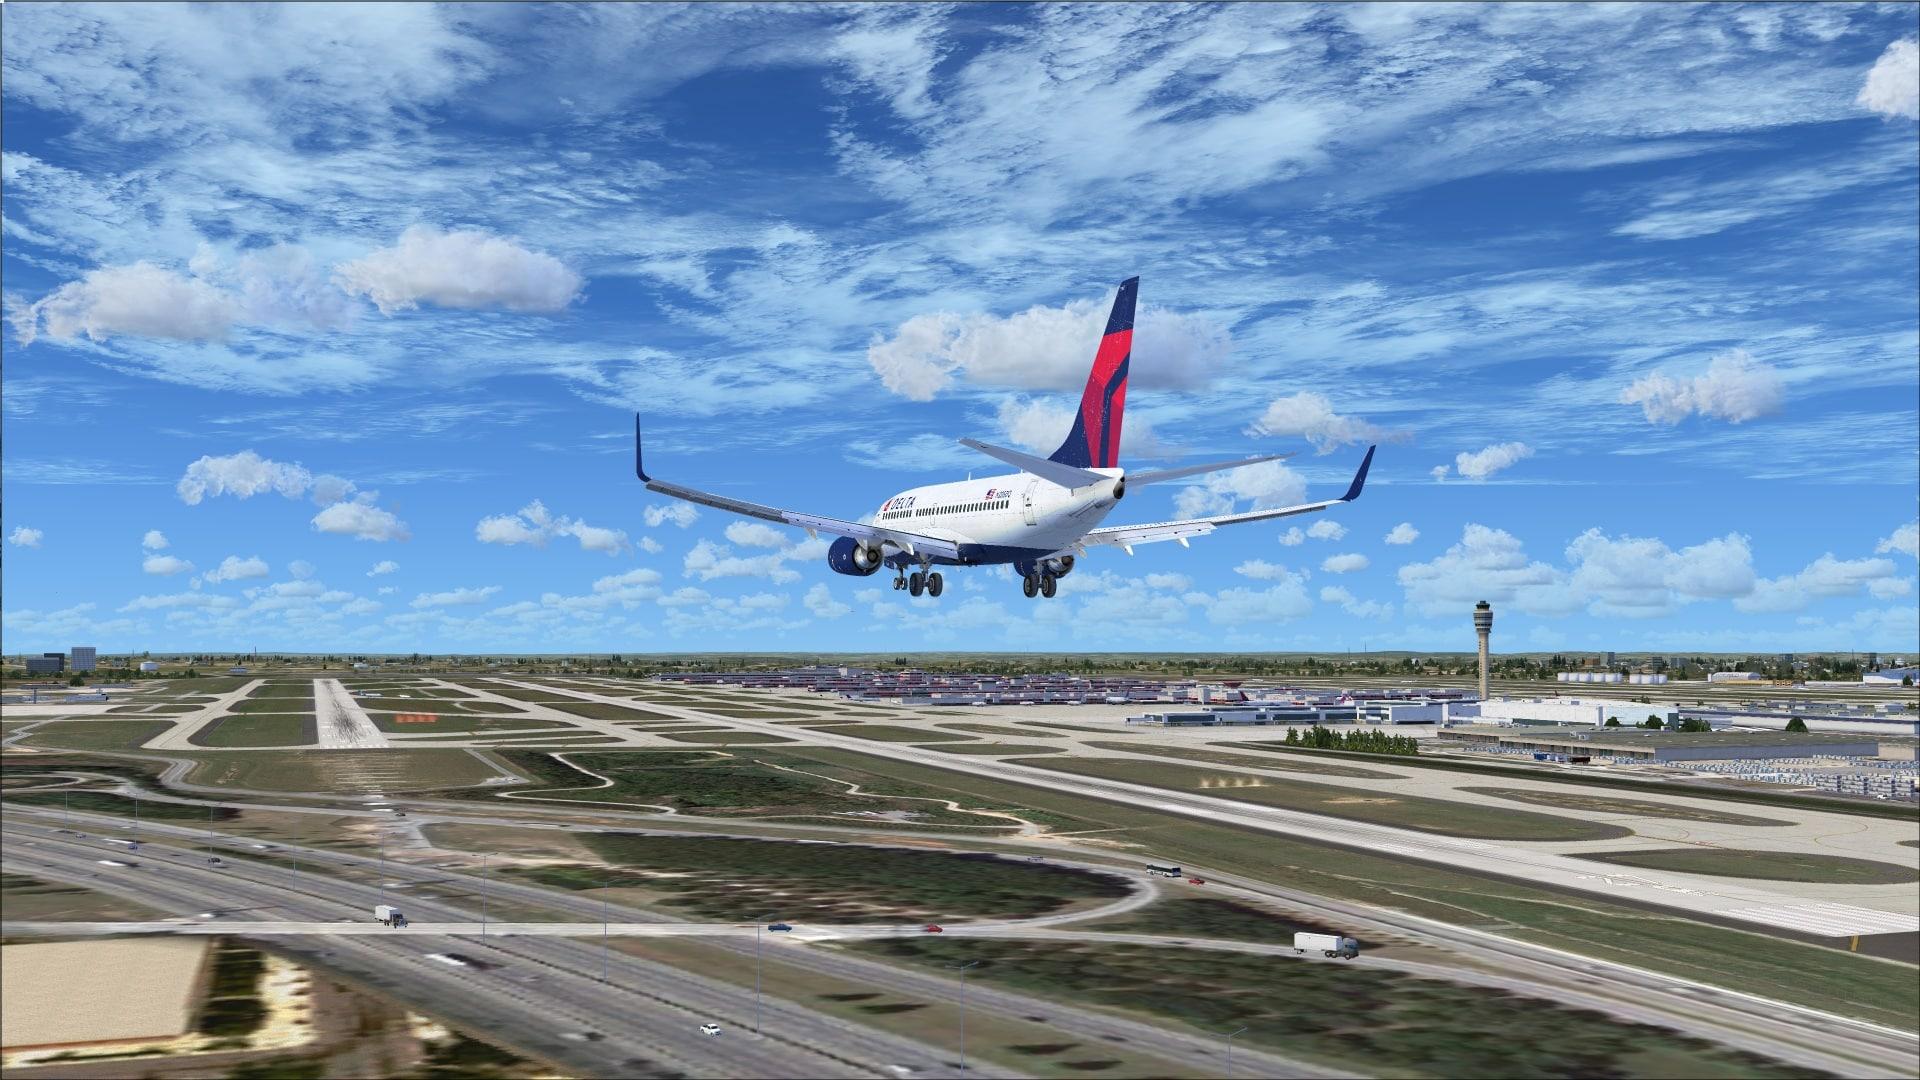 Review of IMAGINE SIM - ATLANTA INTERNATIONAL AIRPORT ...